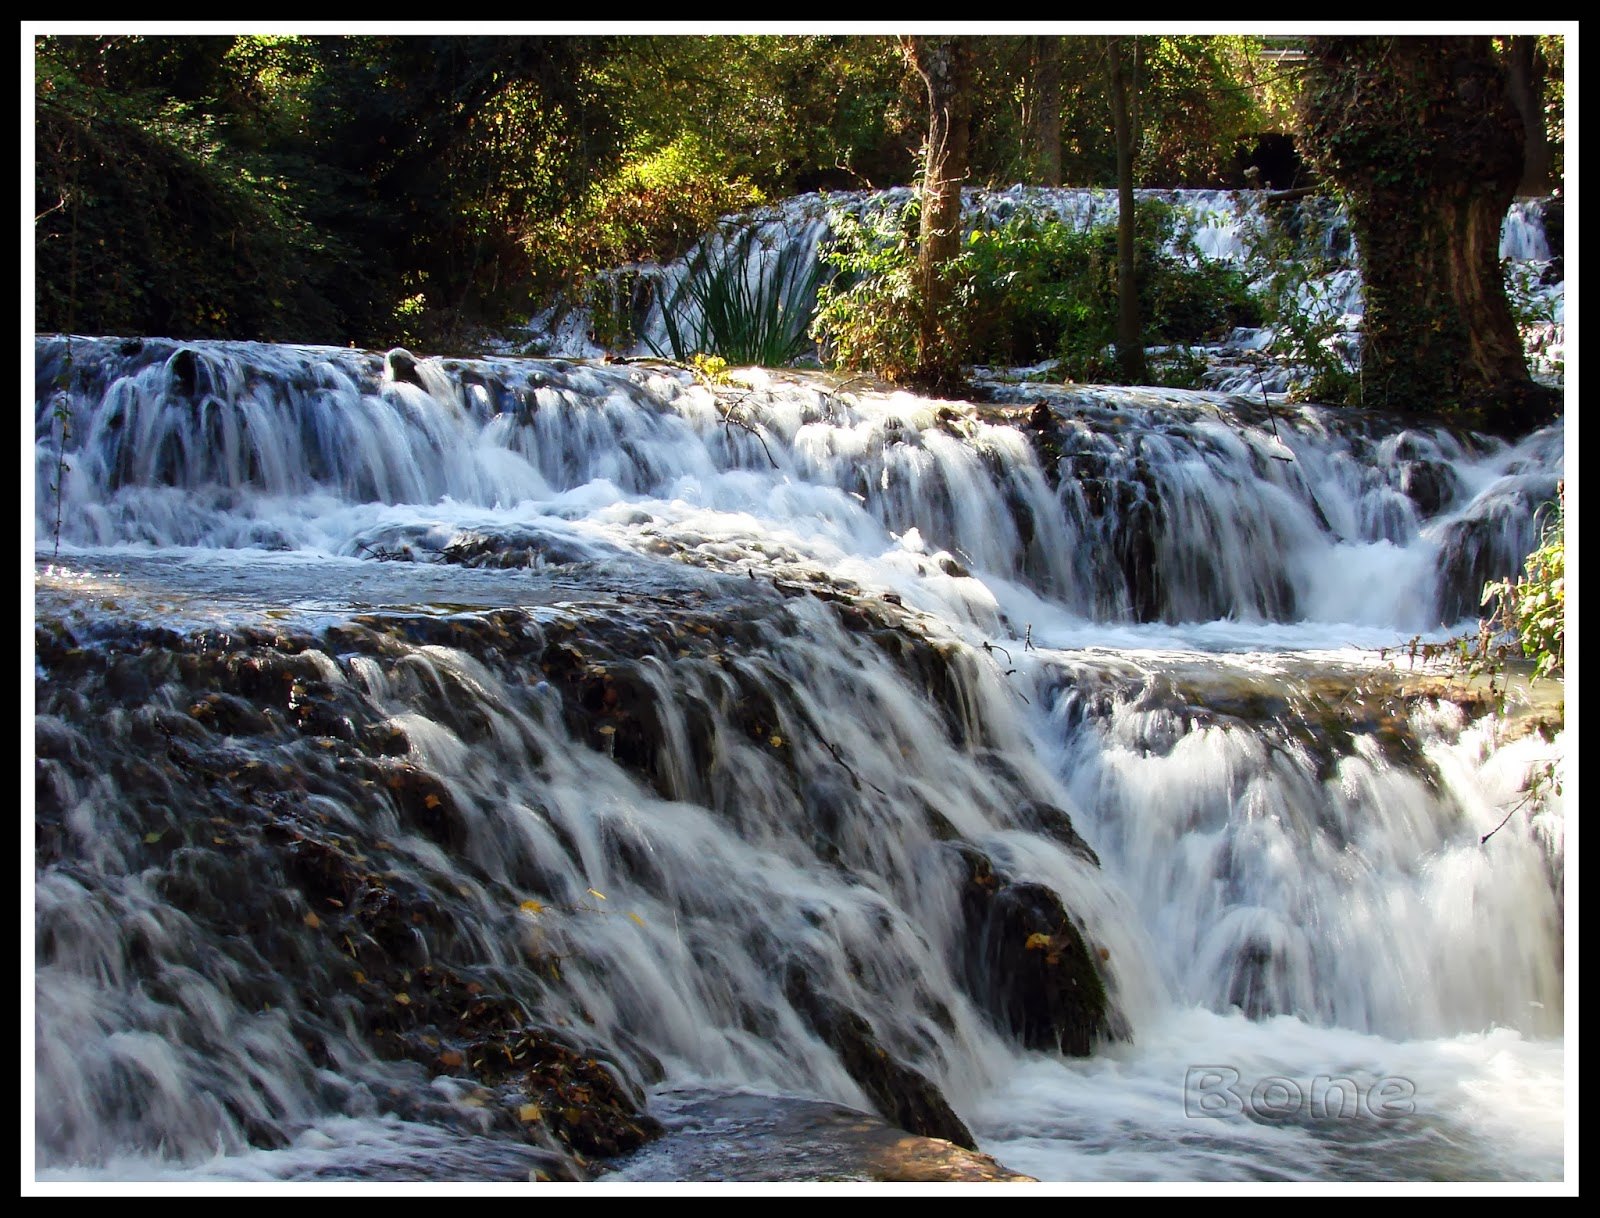 Una visita al monasterio de piedra zaragoza notas en for Estanques con cascadas de piedra